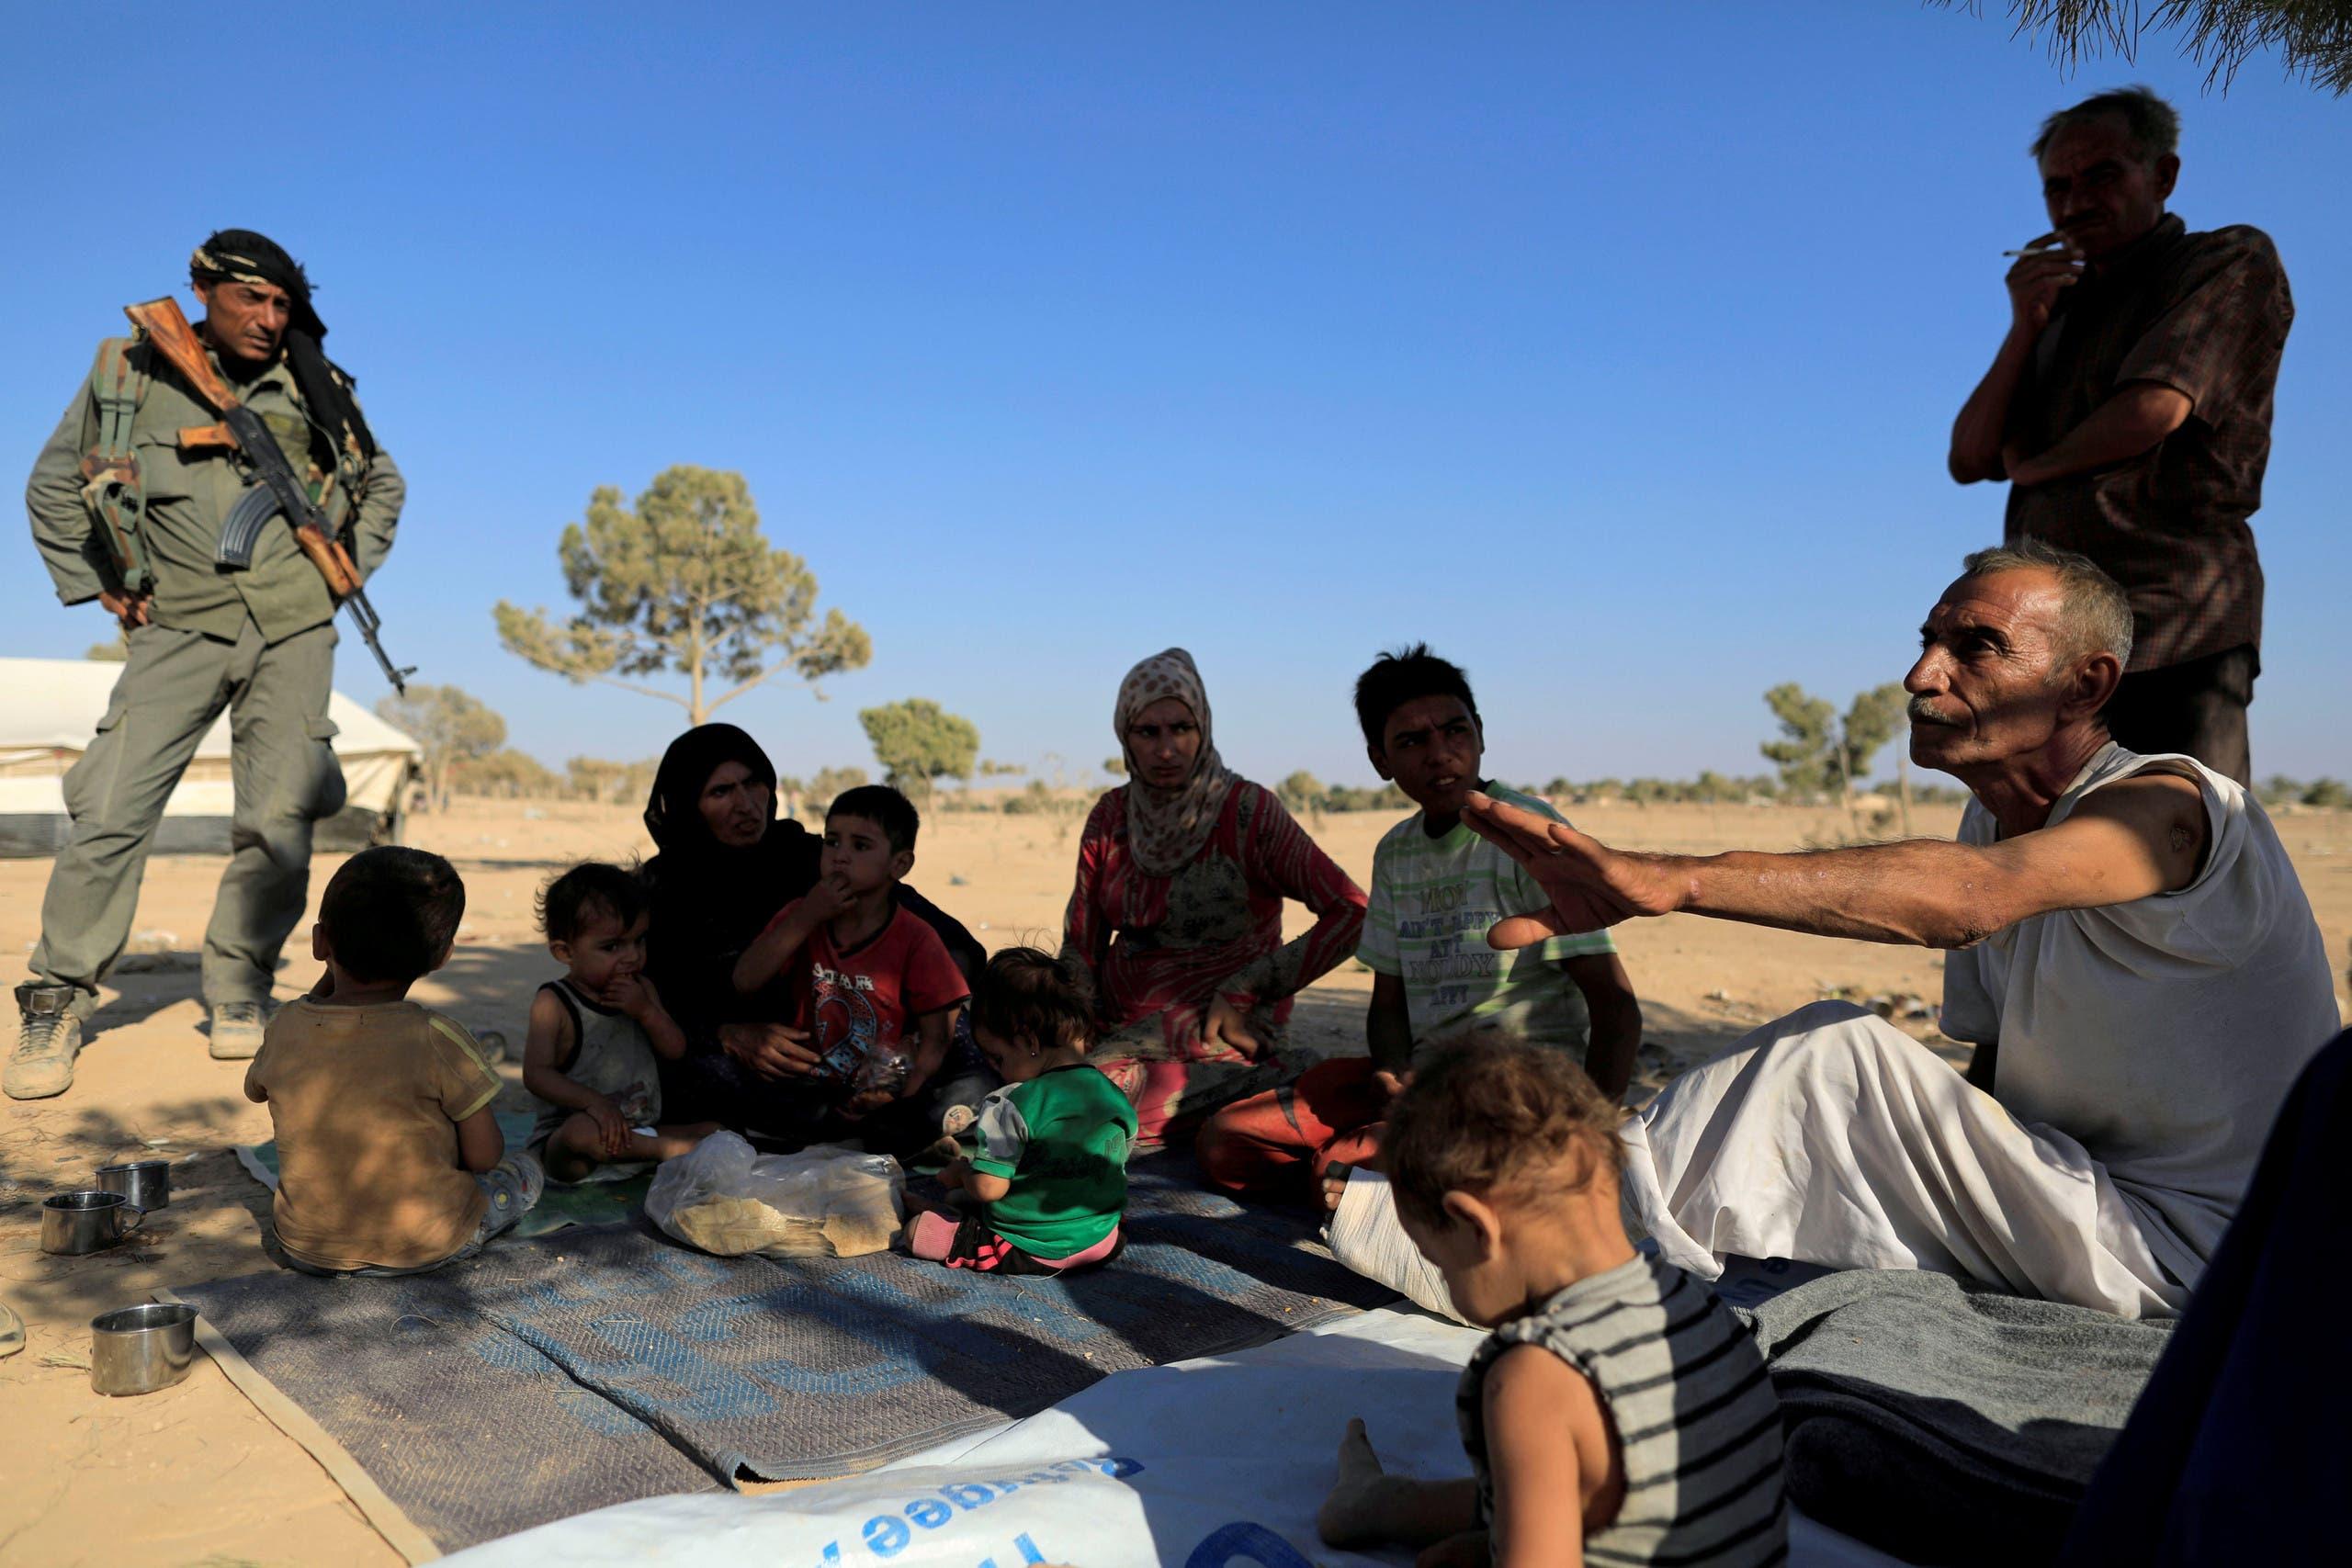 مدنيون فروا إلى غرب الرقة هرباً من الموت